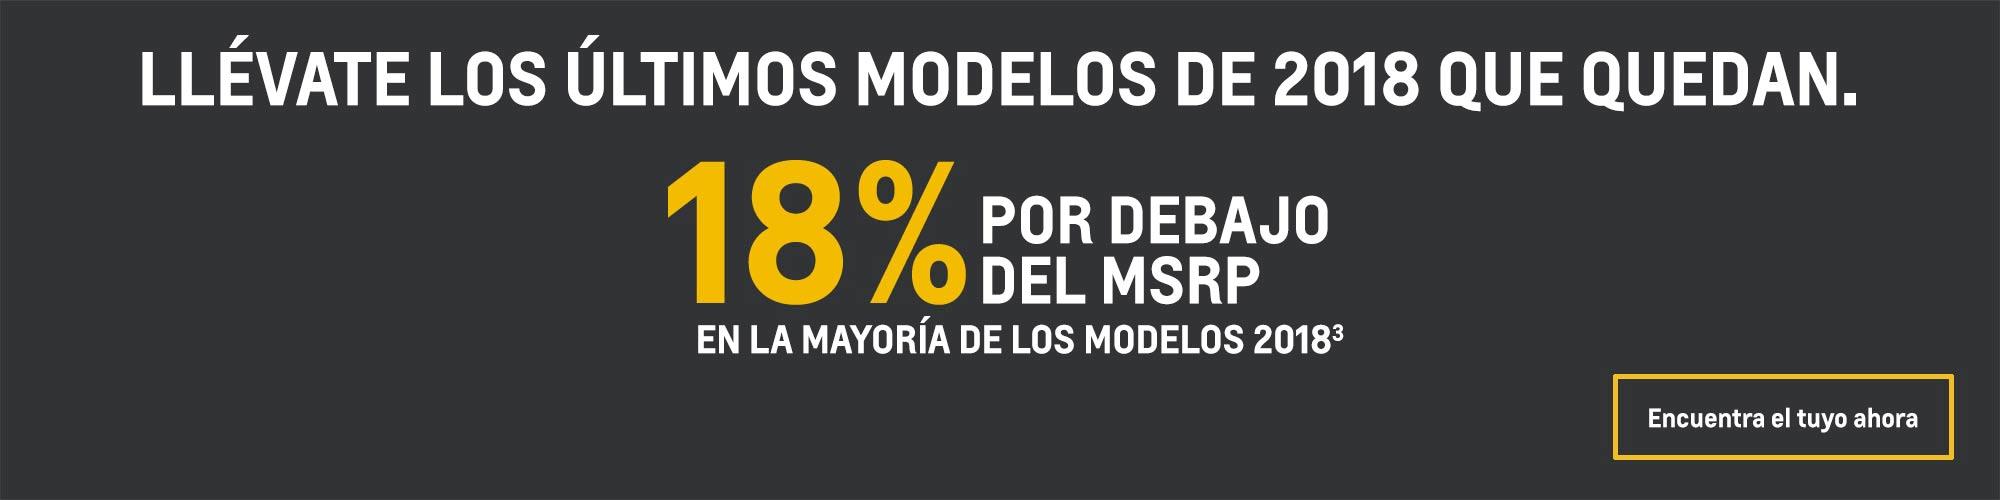 Chevrolet Sonic 2018: 18% por debajo del MSRP